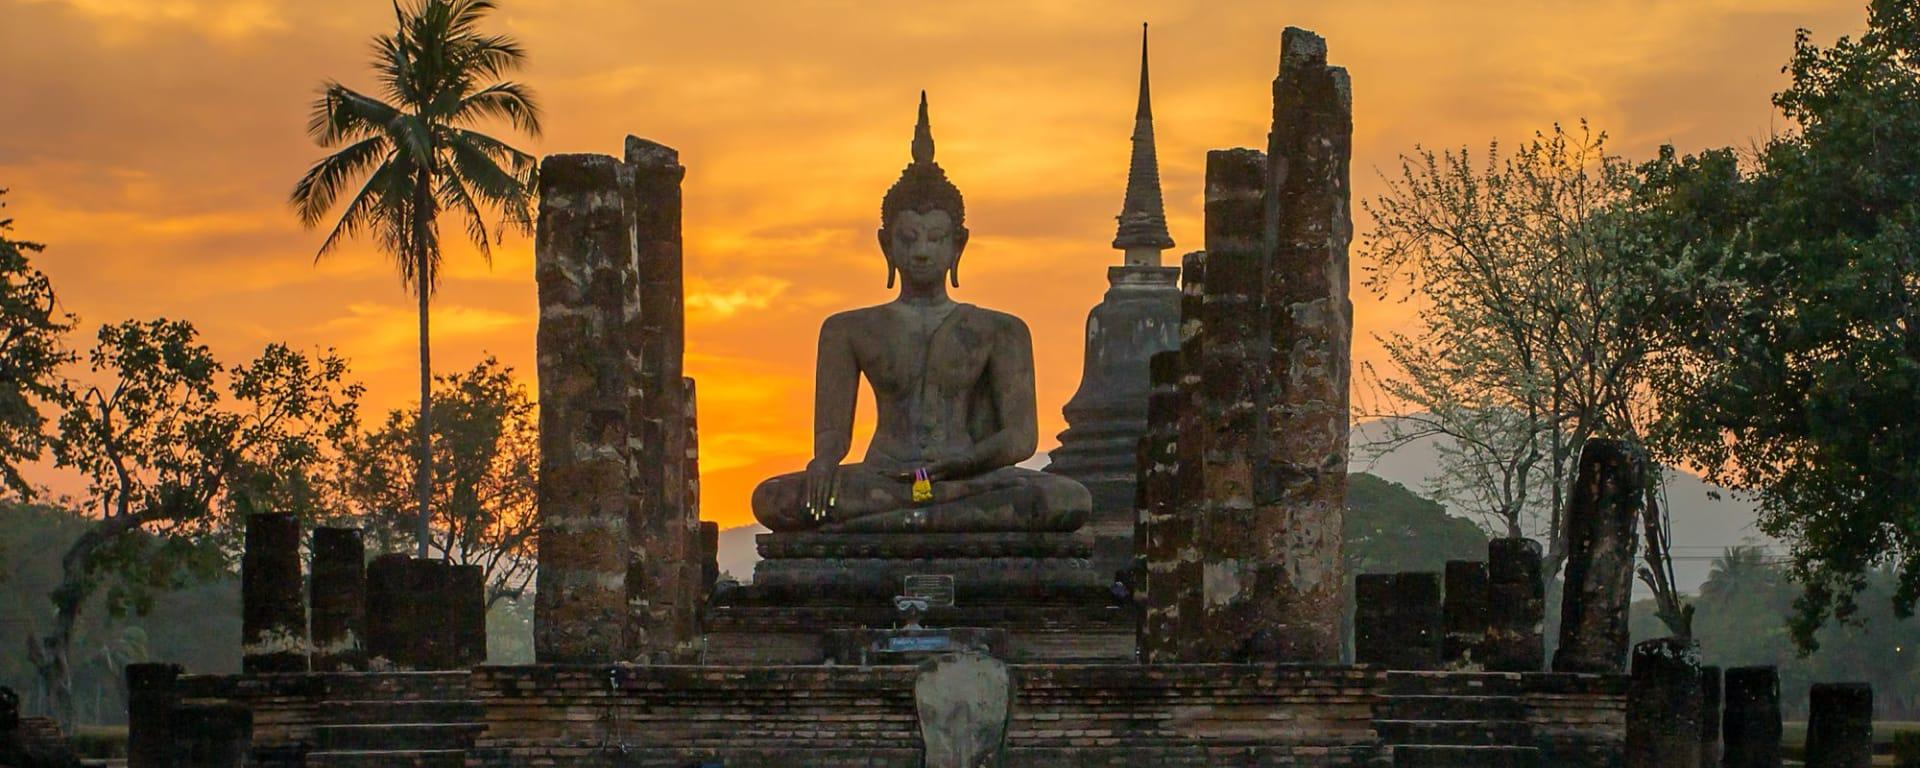 Les hauts lieux de la Thaïlande de Bangkok: Sukhothai: Buddha statue in Wat Mahathat temple